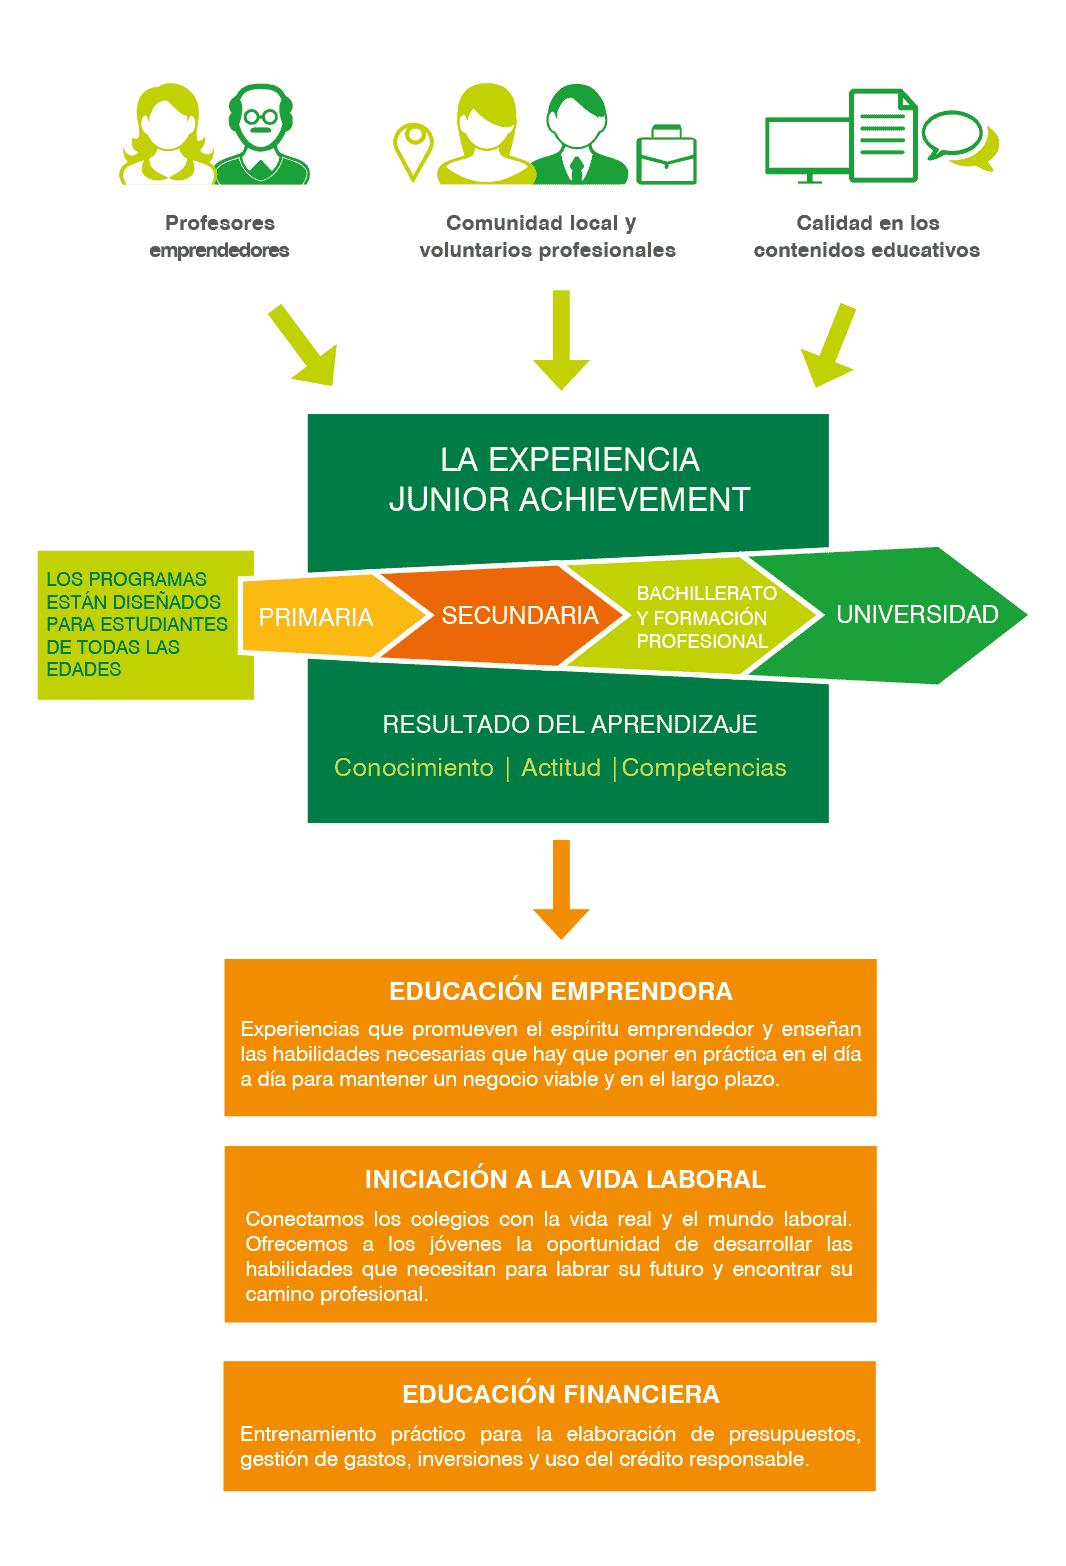 JA-Student-Experience-web_03-02